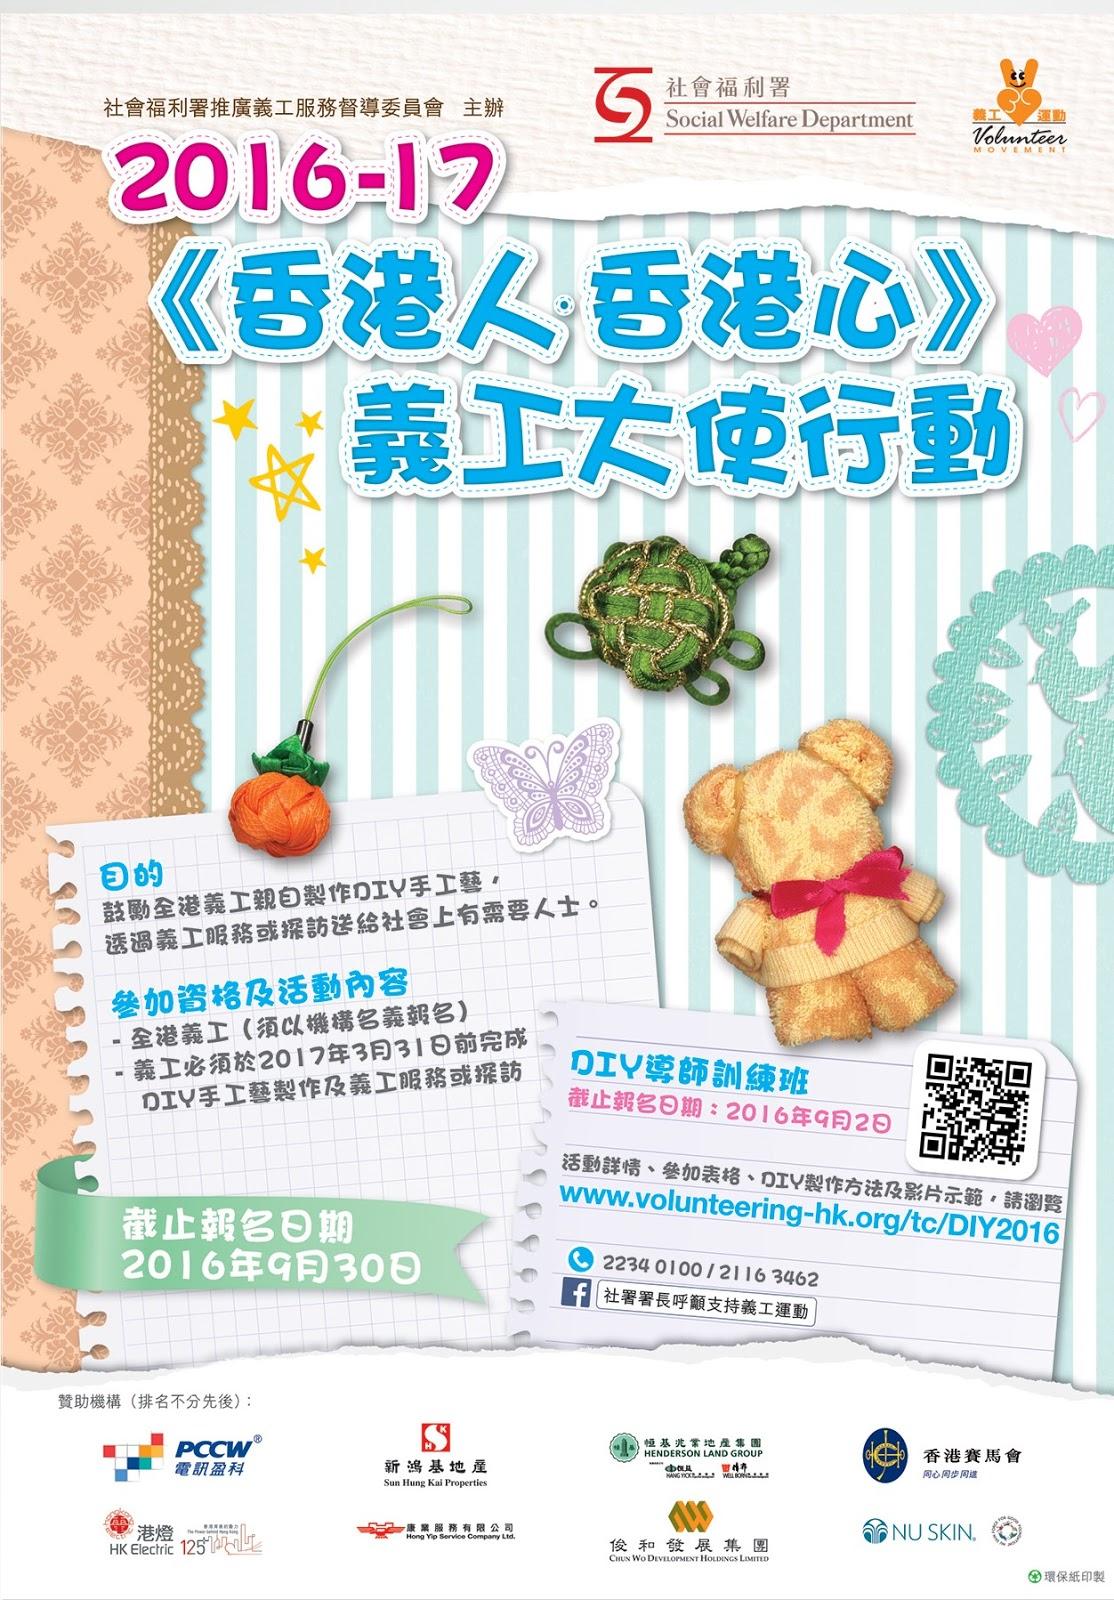 香港兒童啟迪協會: 義工活動 : 2016-17《香港人‧香港心》義工大使行動